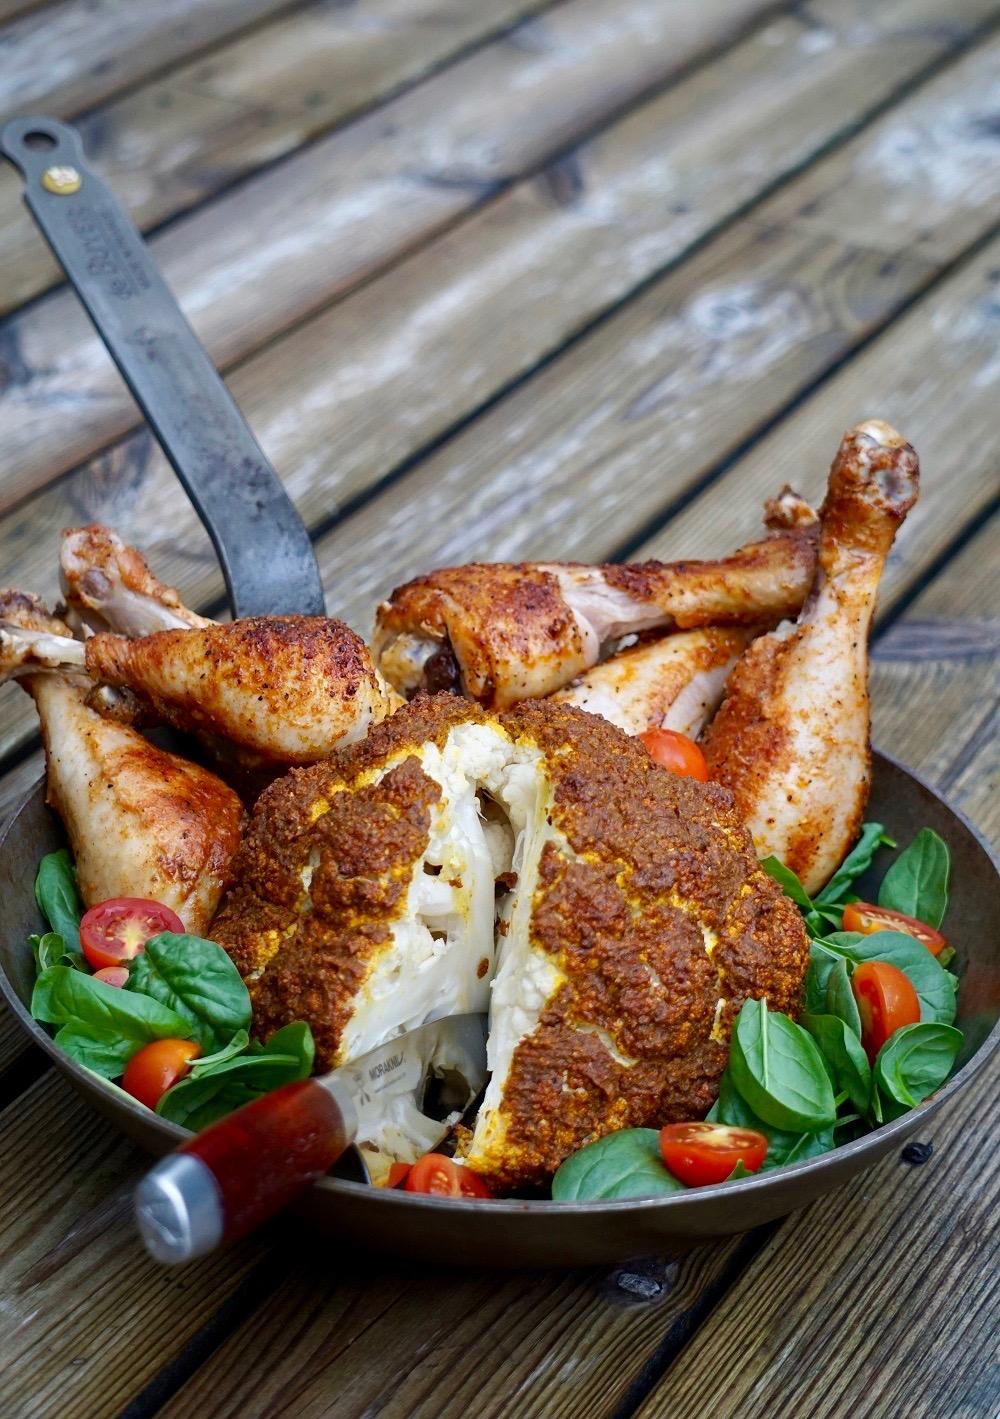 Helrostad Blomkål serverad tillsammans med grillade kycklingben